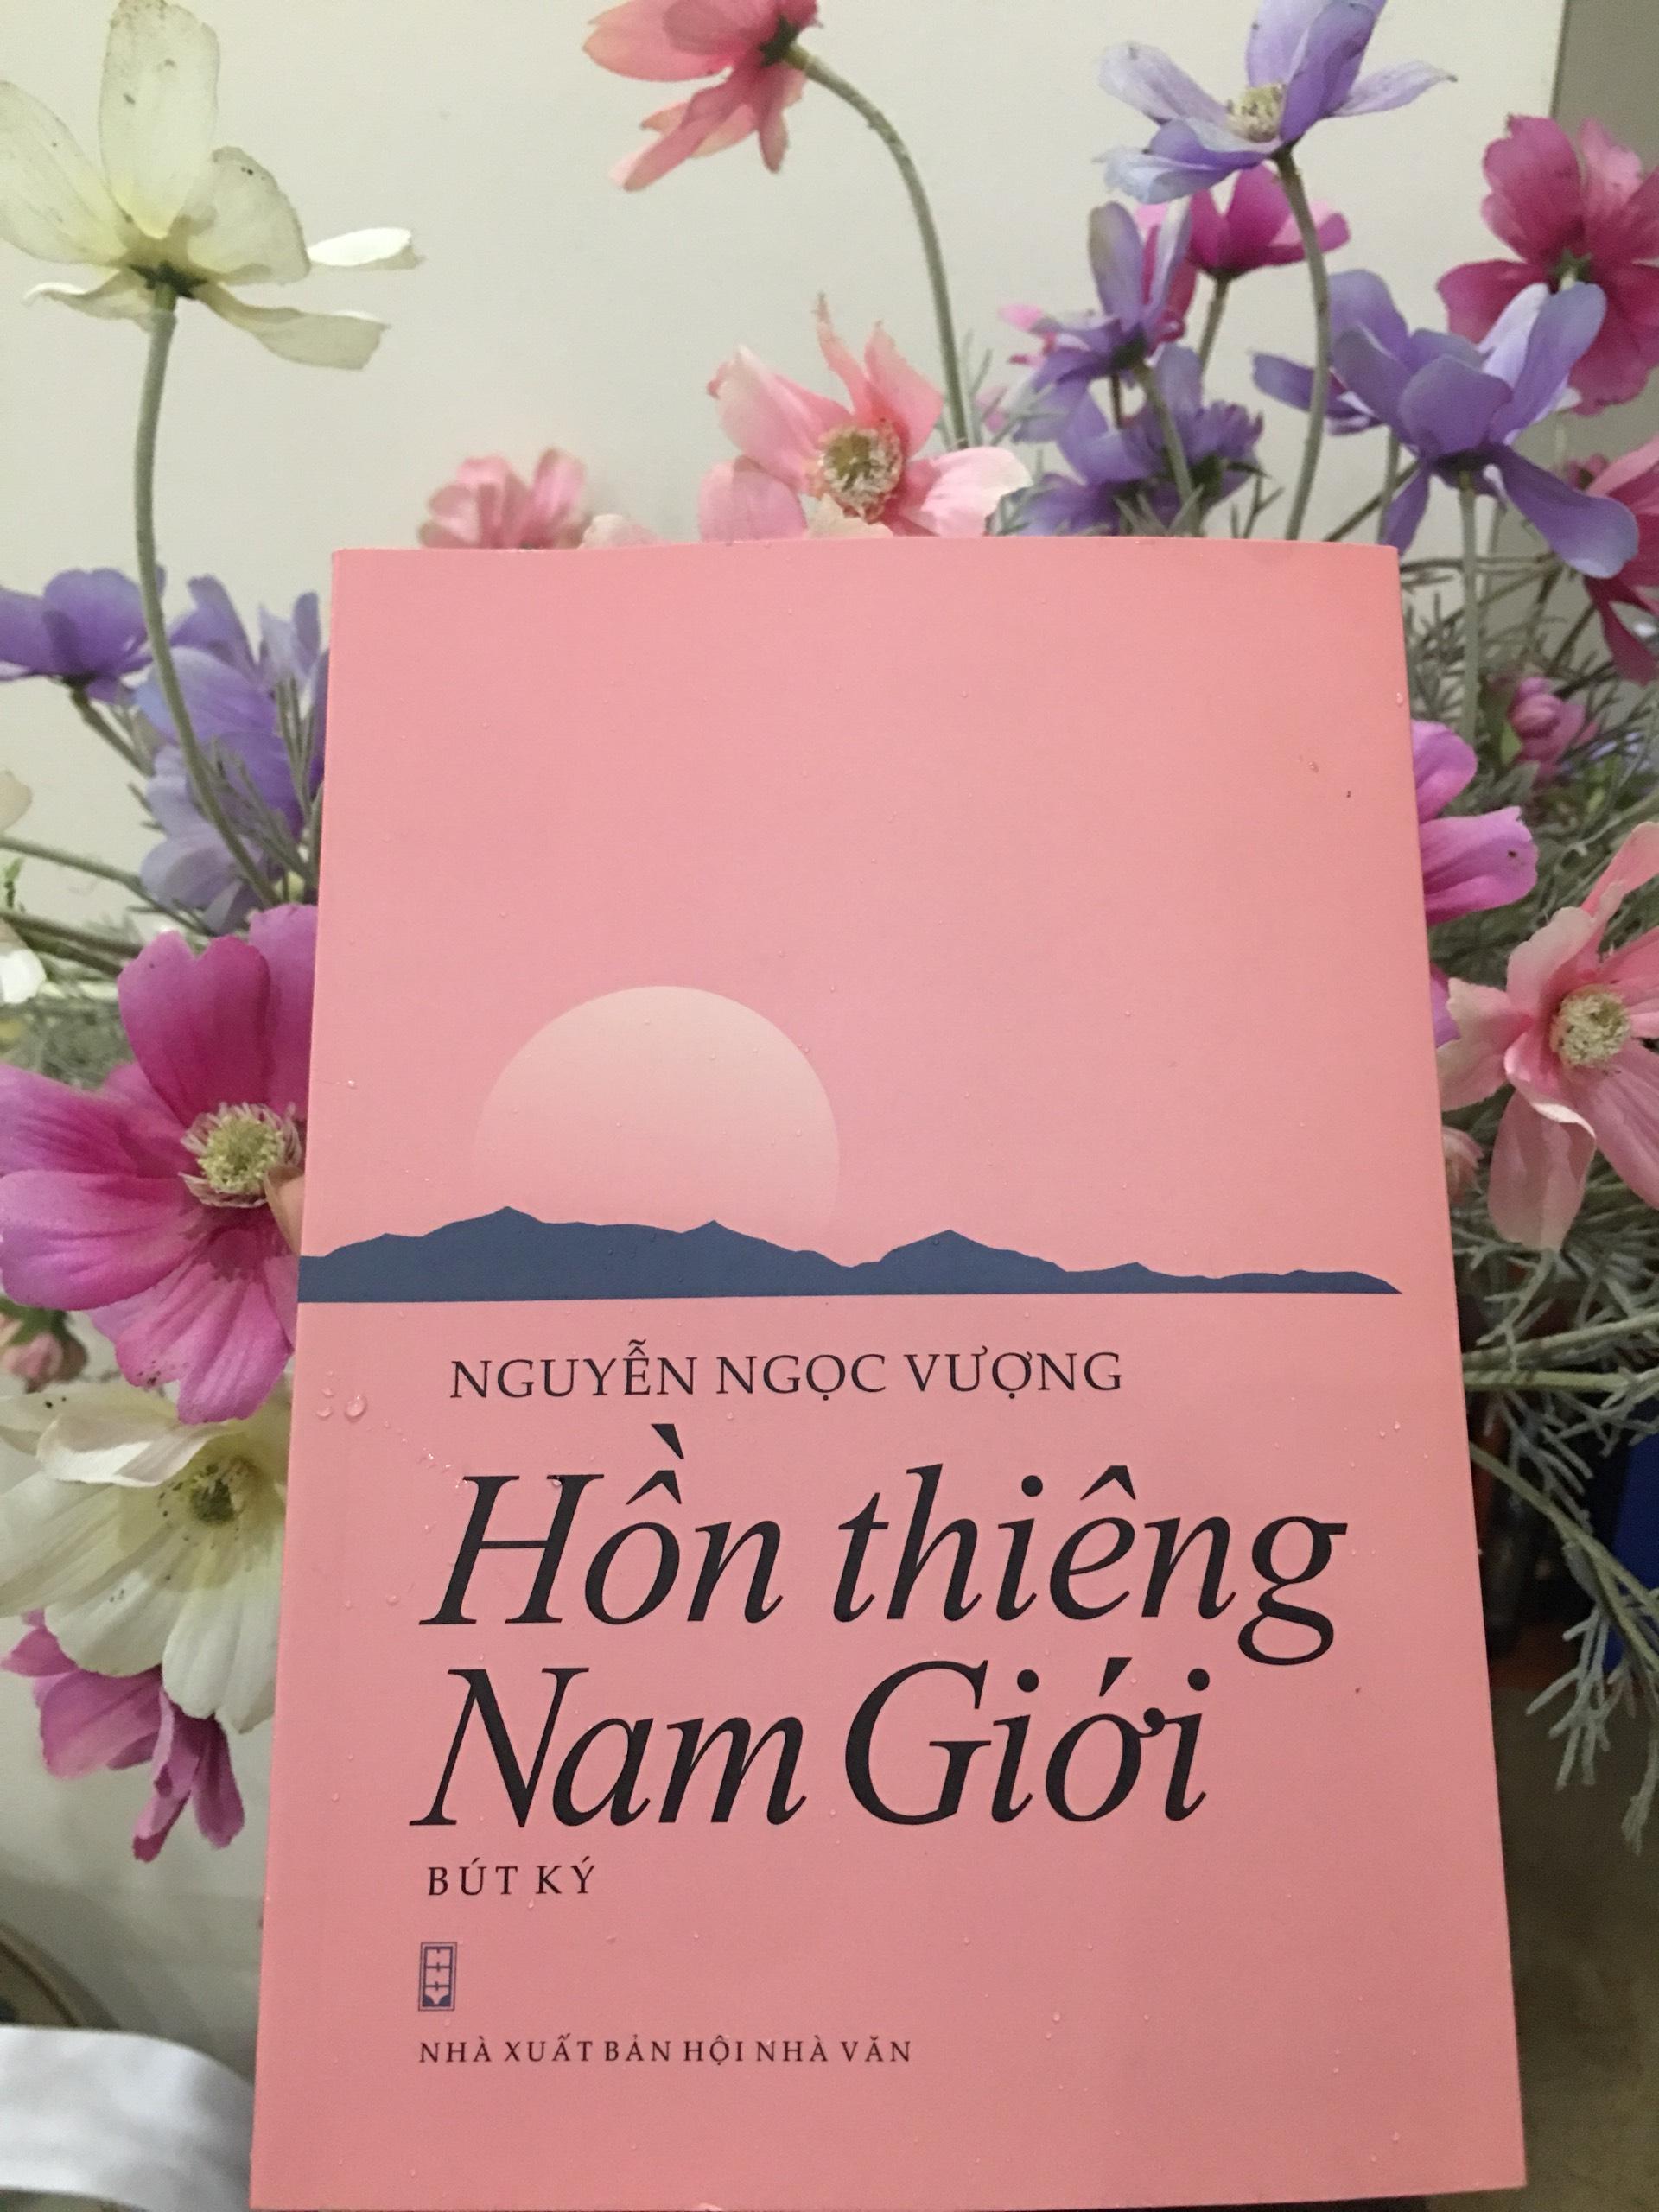 Tác giả Nguyễn Ngọc Vượng ra mắt sách HỒN THIÊNG NAM GIỚI